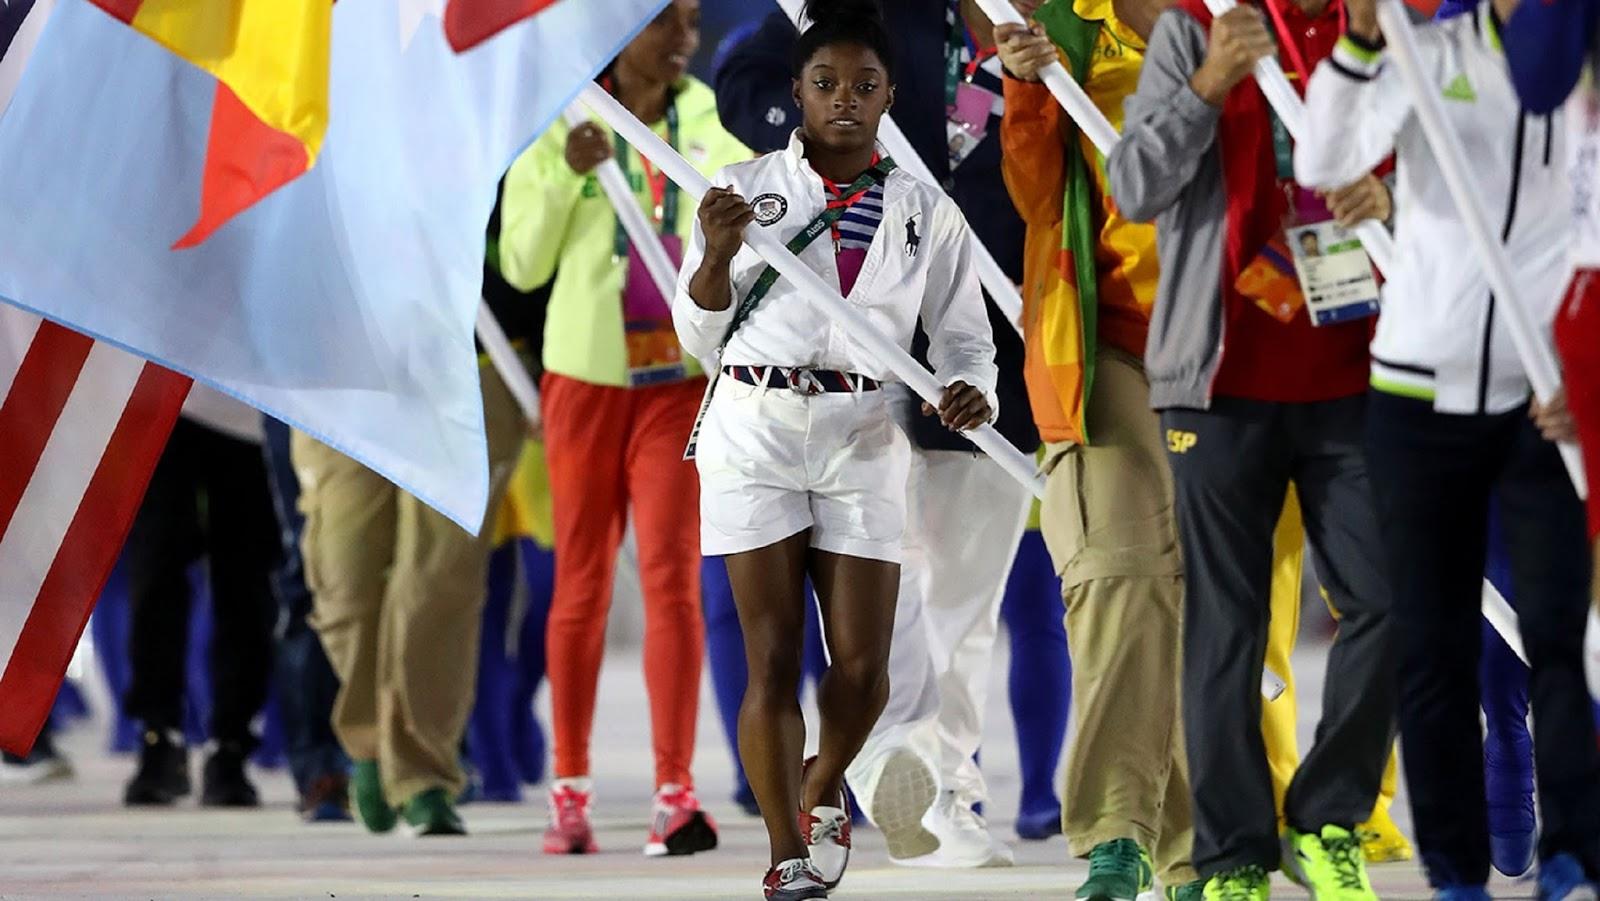 RIO OLYMPICS 2016 CLOSING CEREMONY 9